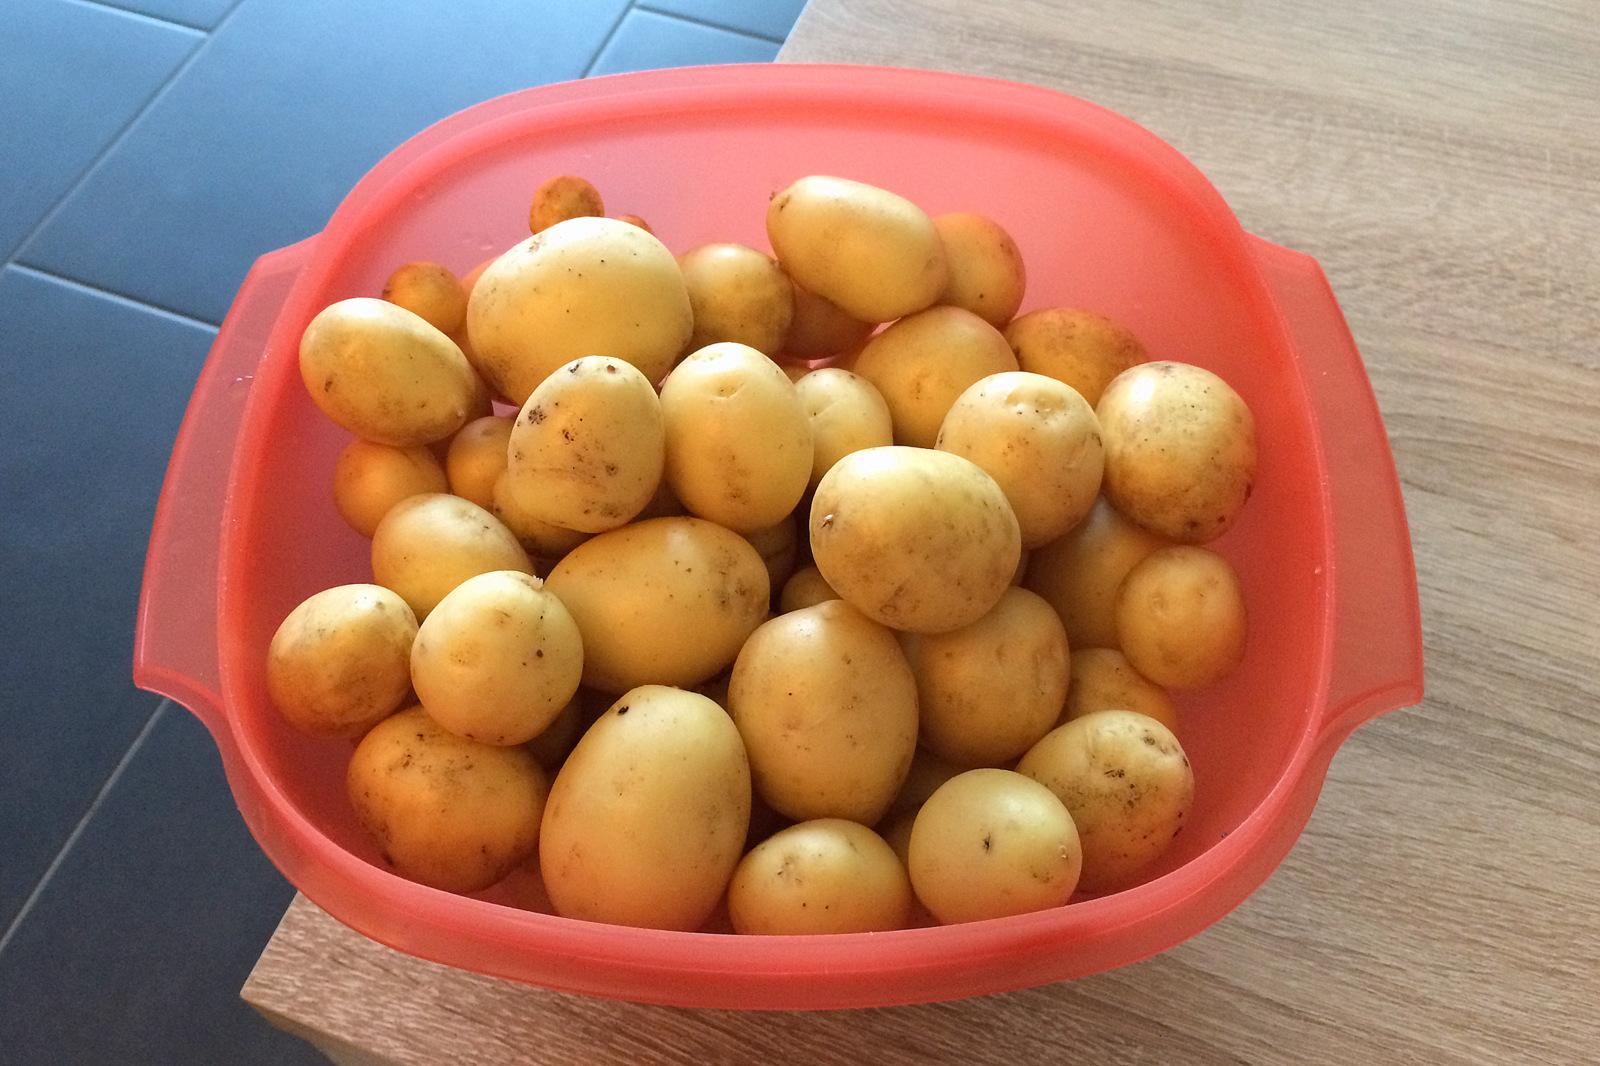 Kleiner Teil unserer Kartoffel-Ernte: Wir freuen uns schon auf leckere Bratkartoffeln und andere Rezepte.